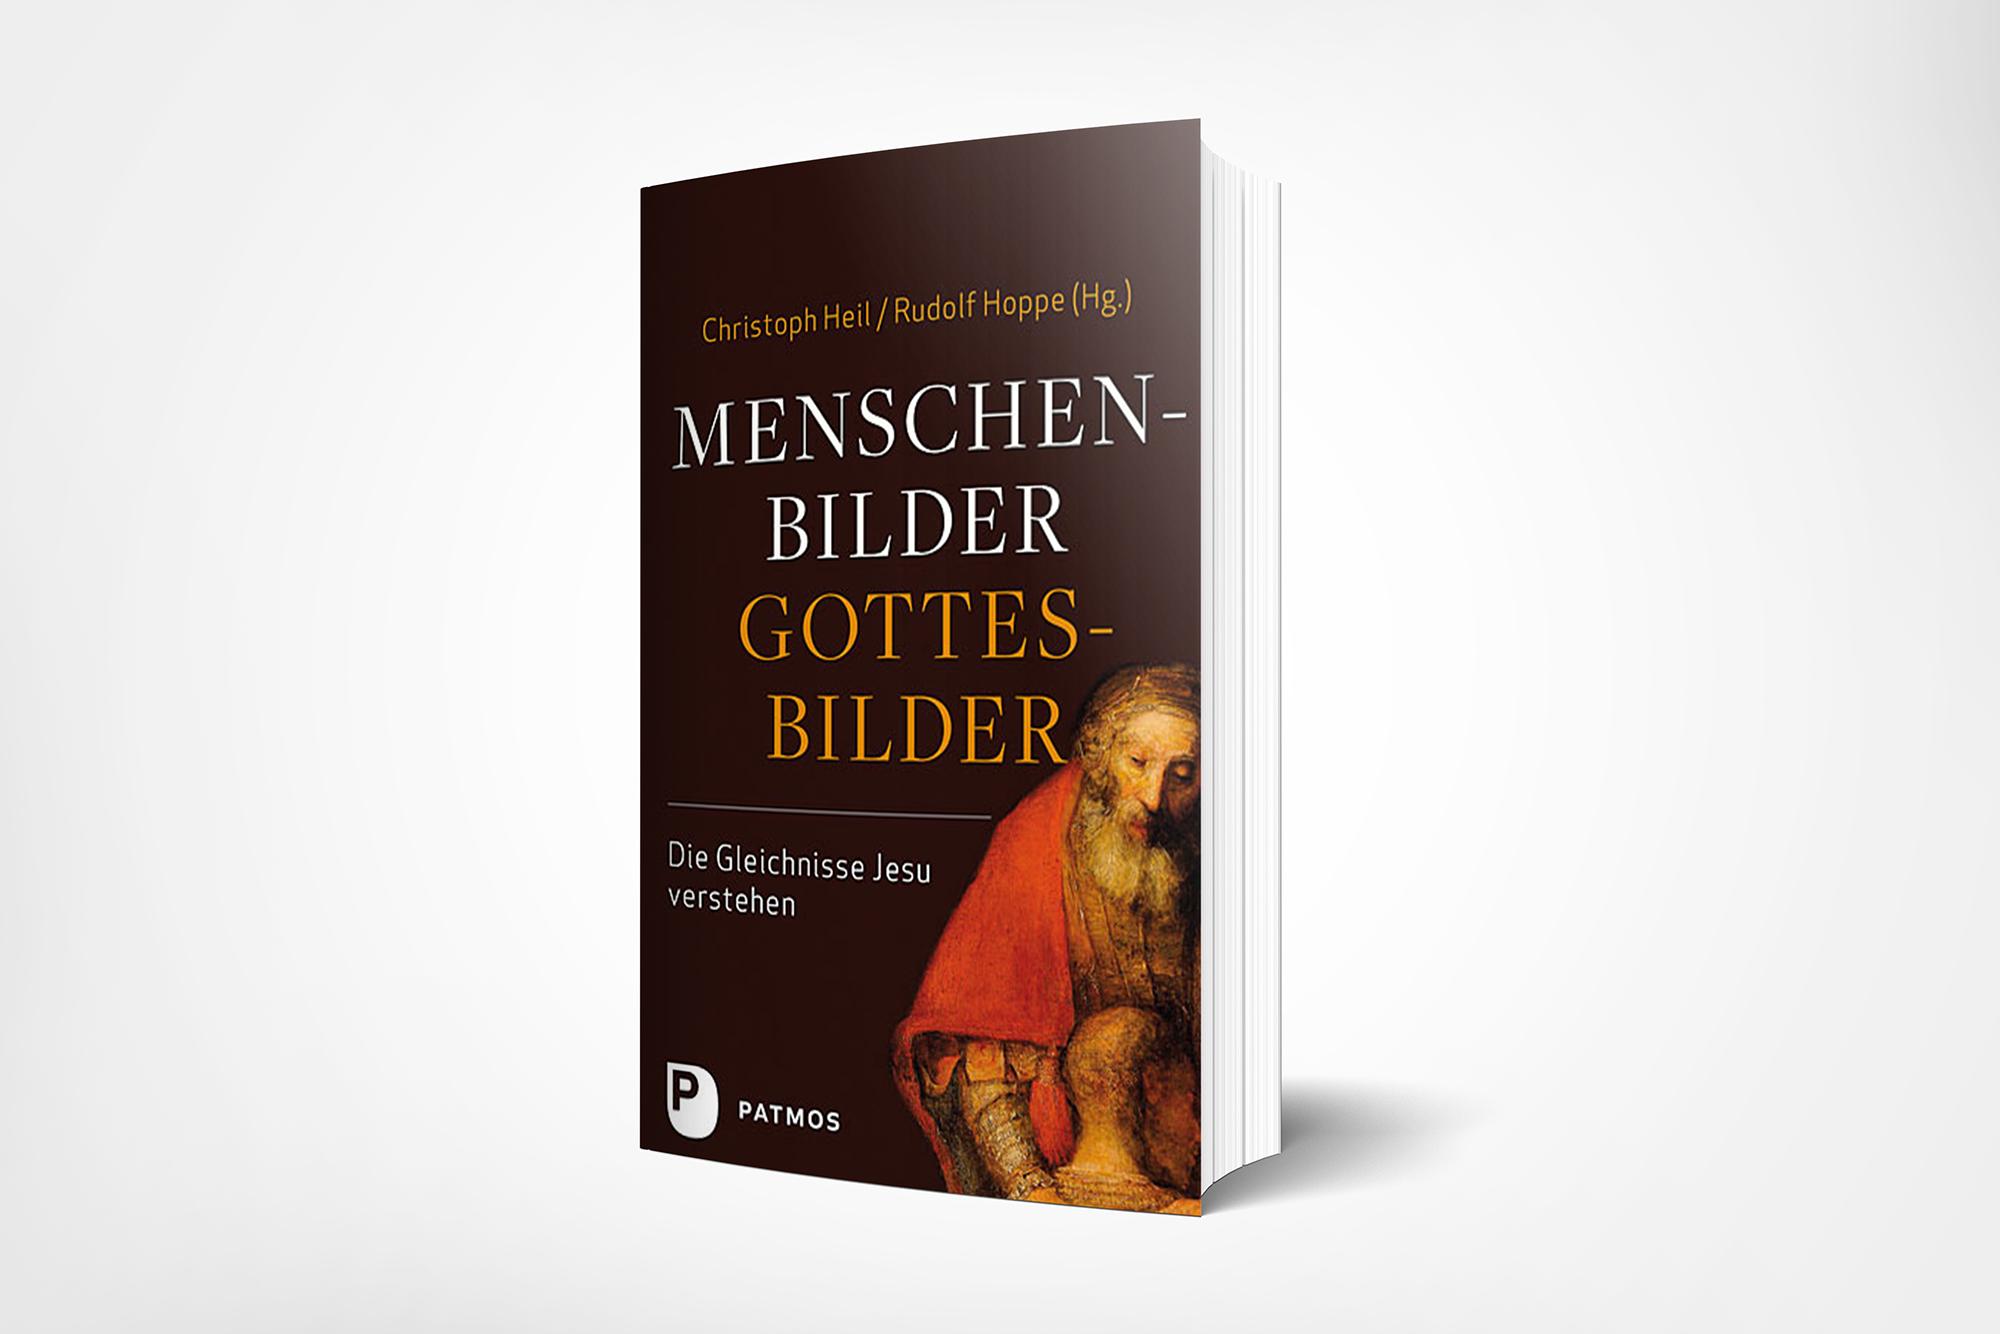 Gleichnisbuch